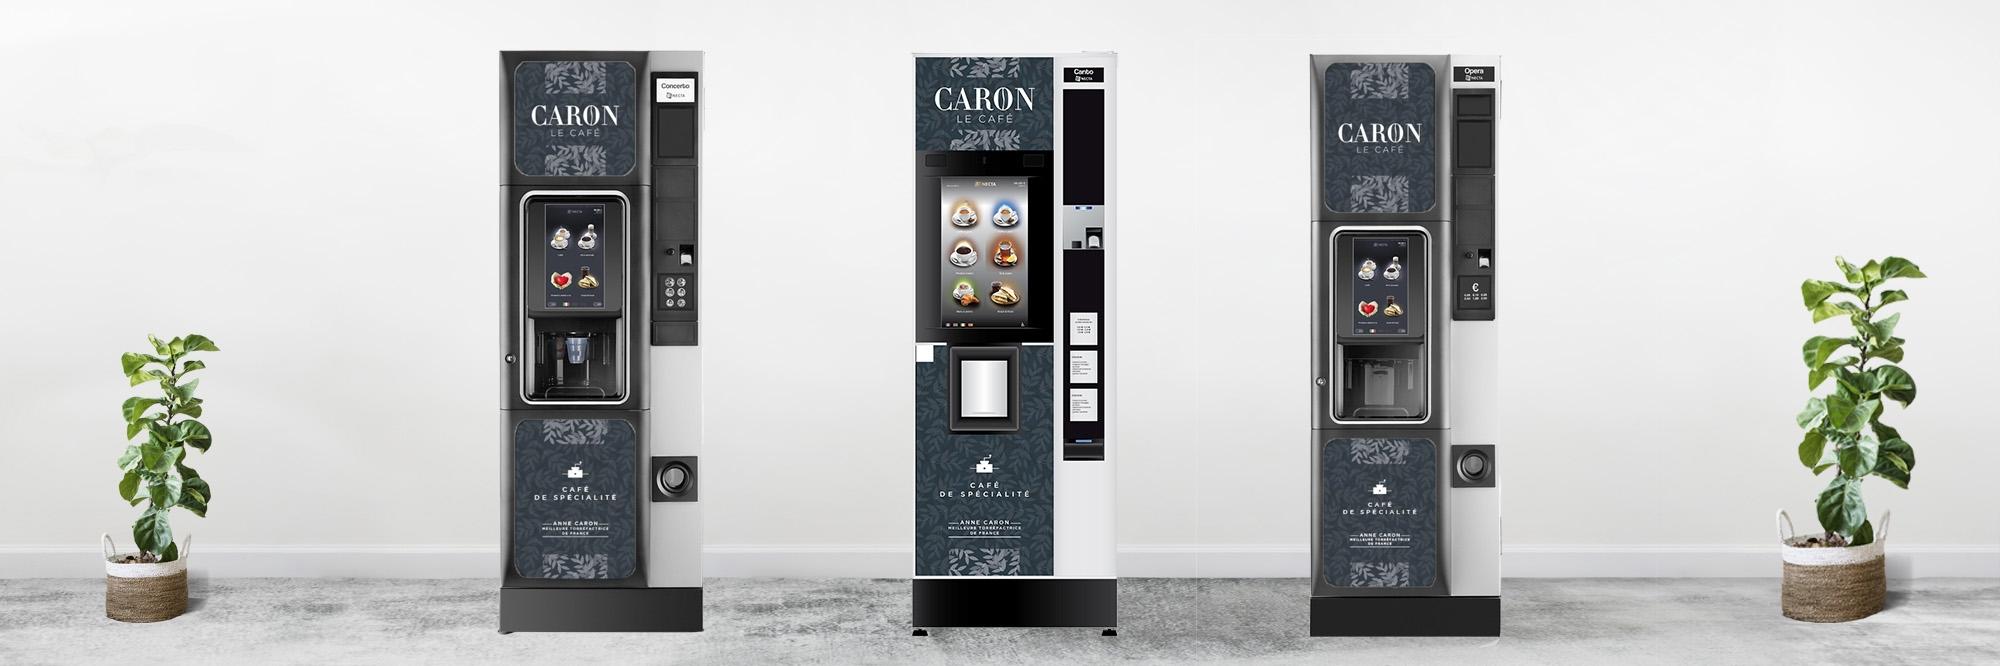 Couverture distributeur automatique